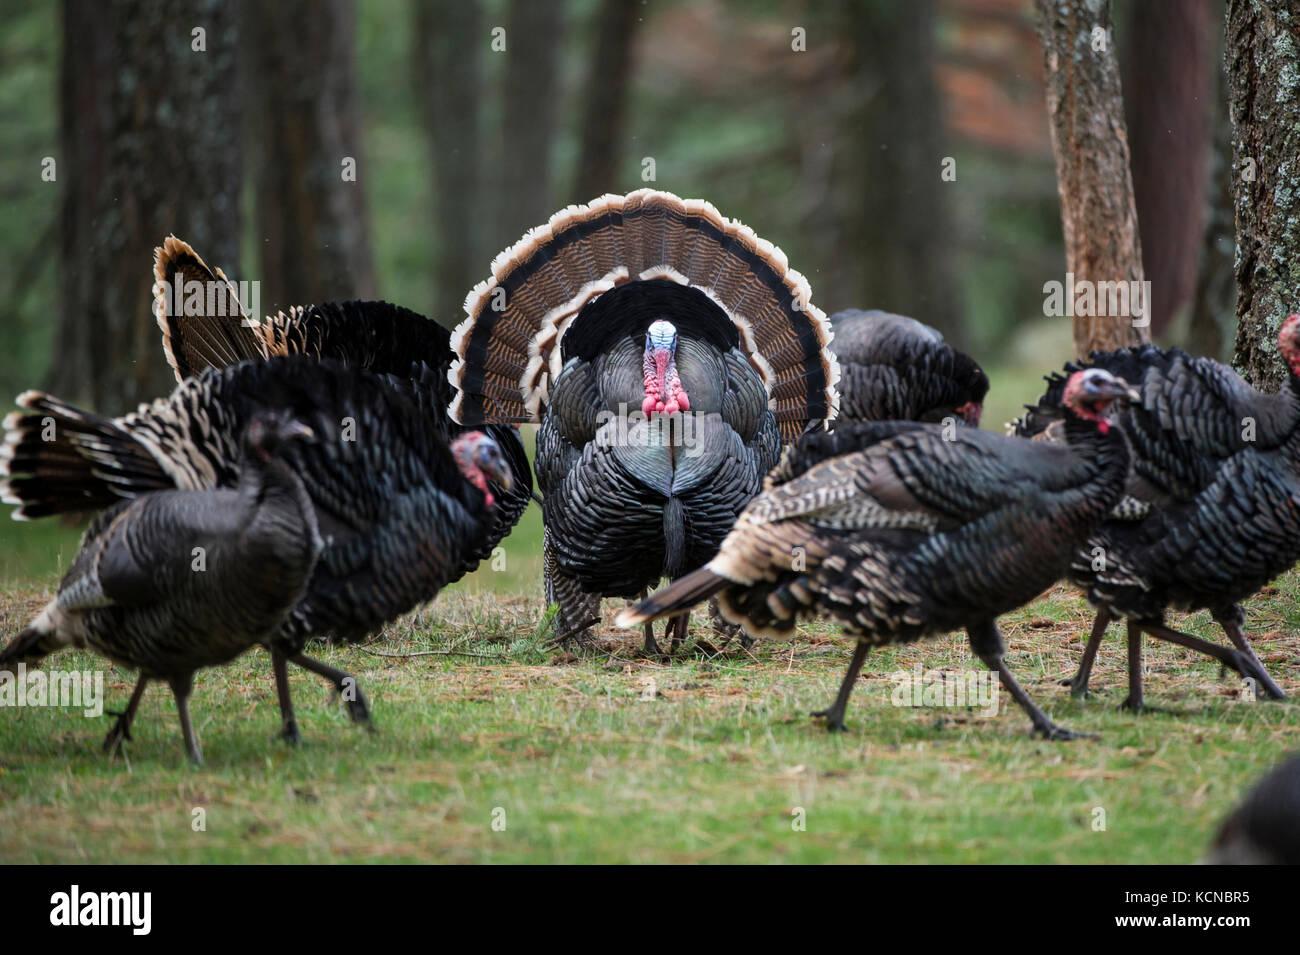 Male Merriams turkeys, Meleagris gallopavo merriami, Central Idaho, USA - Stock Image